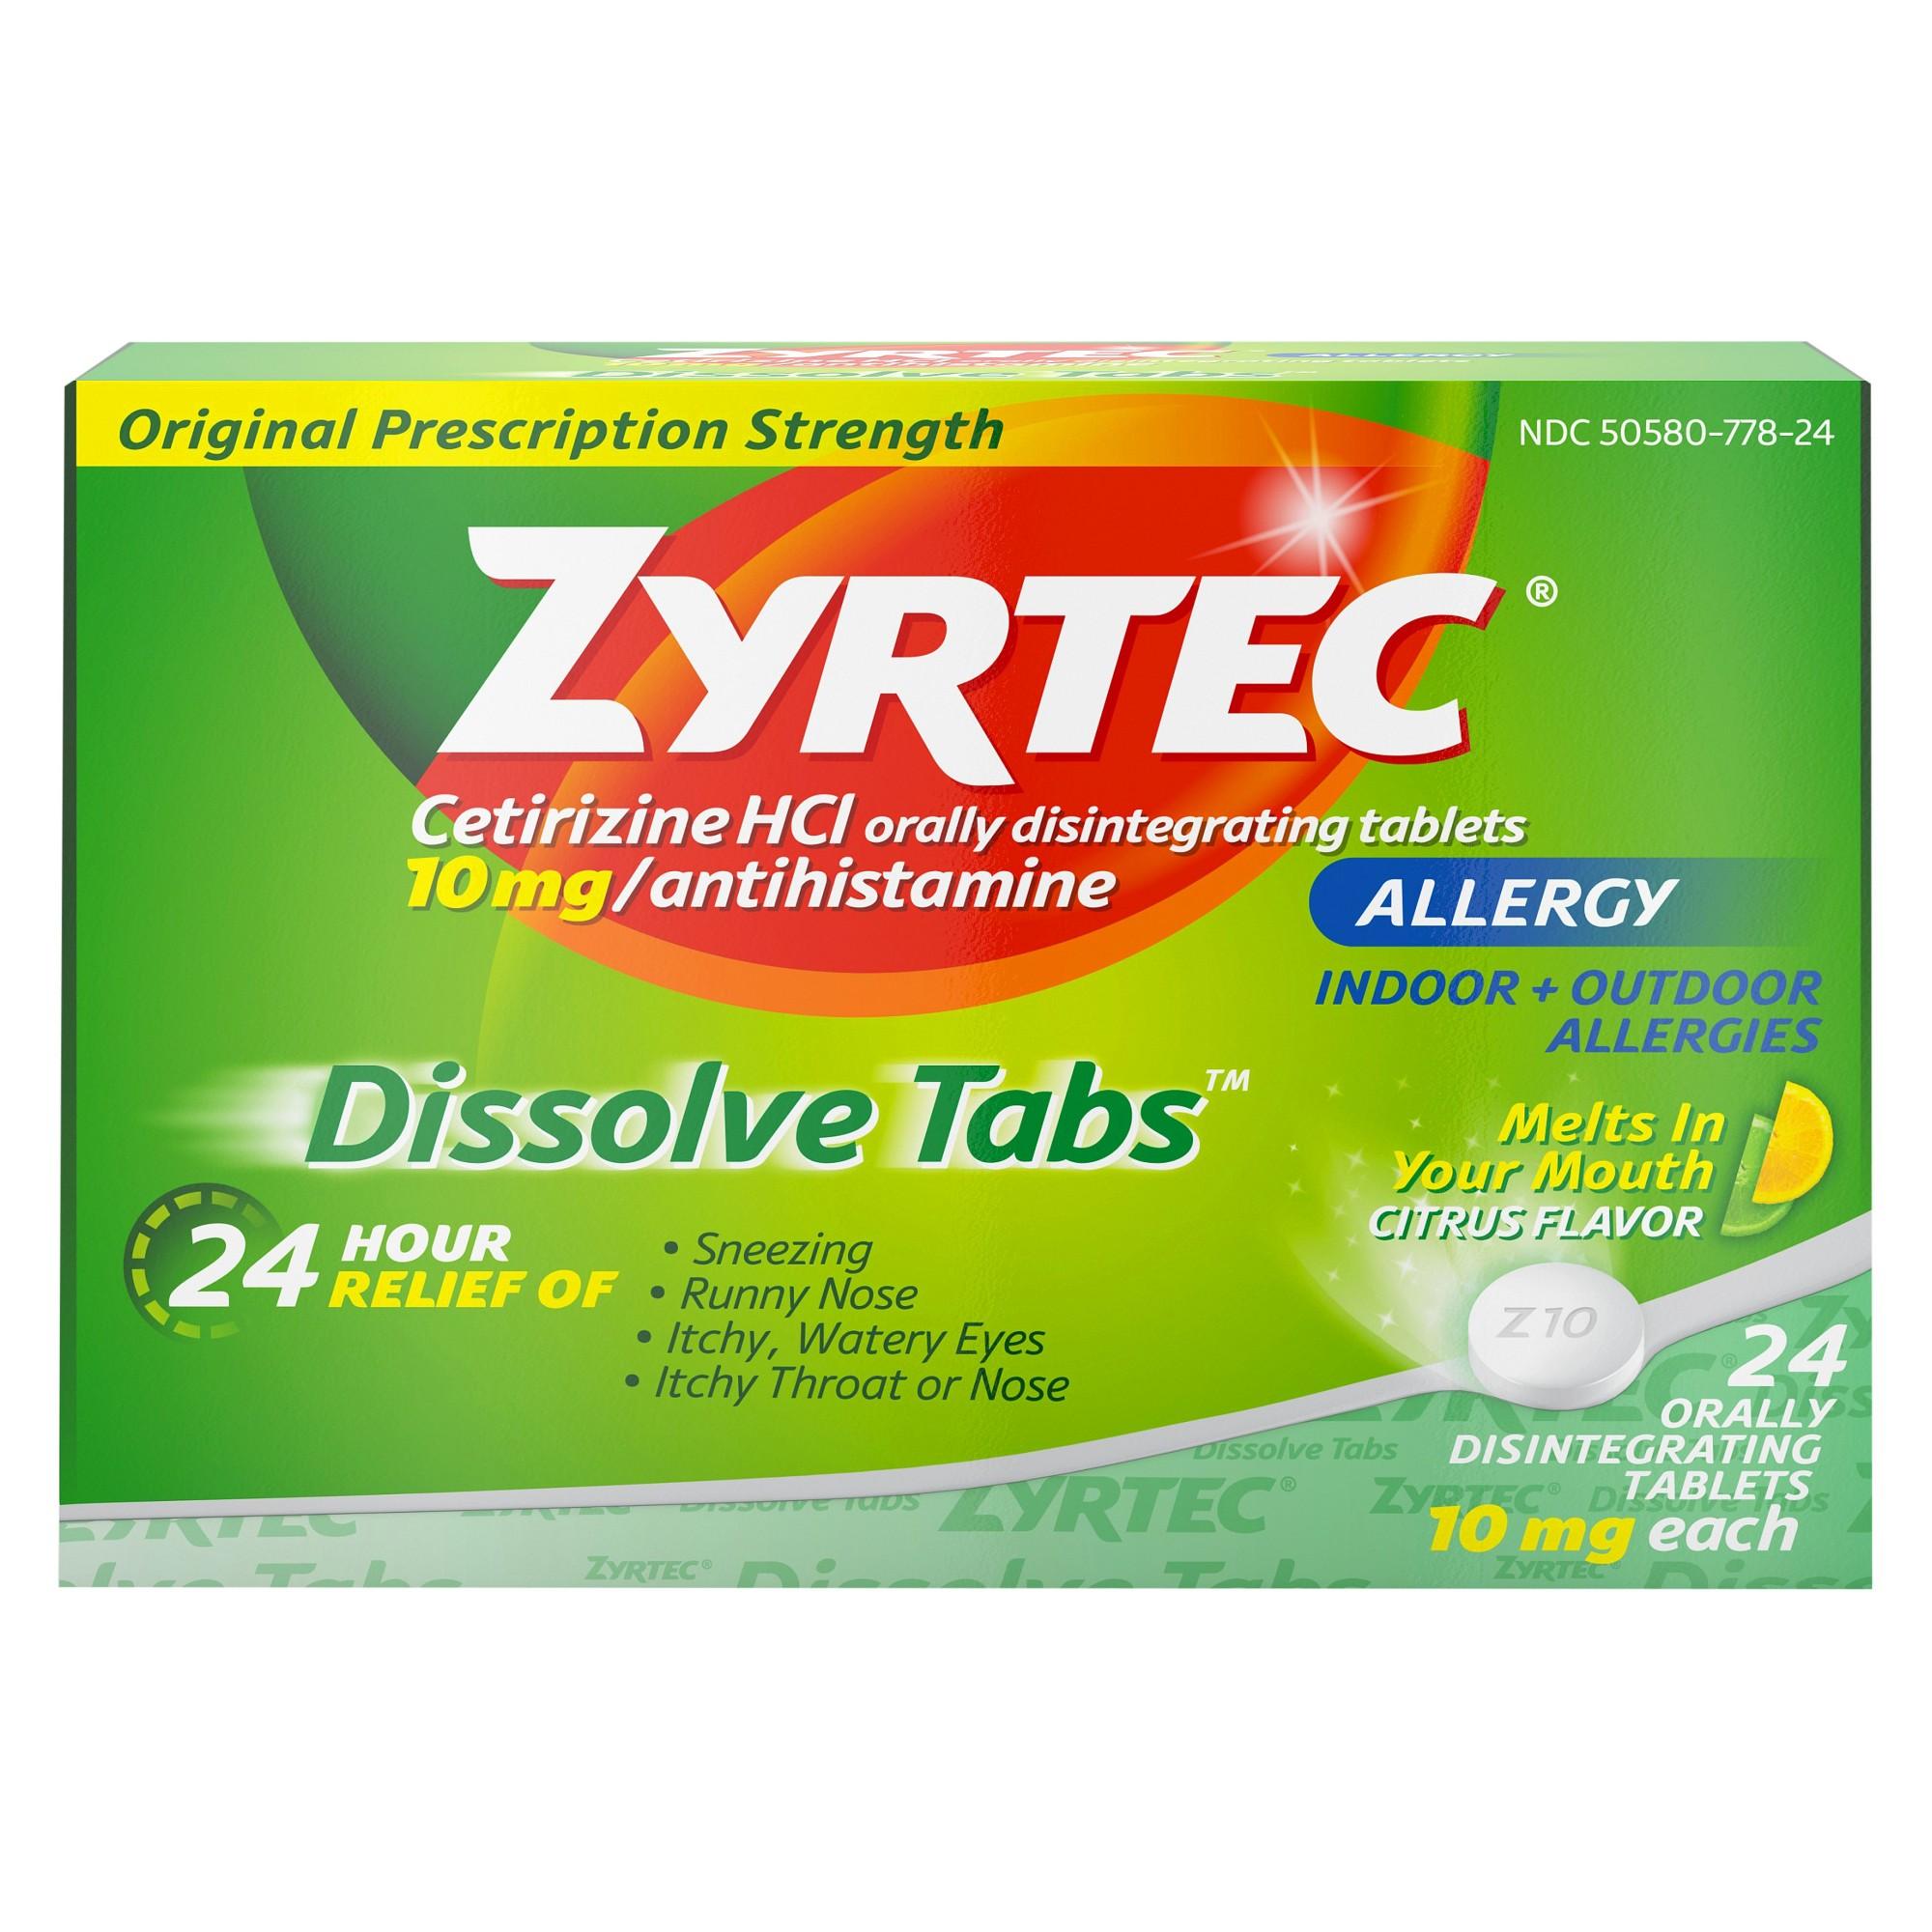 Zyrtec Allergy Relief Dissolve Tablets Citrus Flavor Cetirizine Hcl 24ct Zyrtec Allergy Relief Allergies